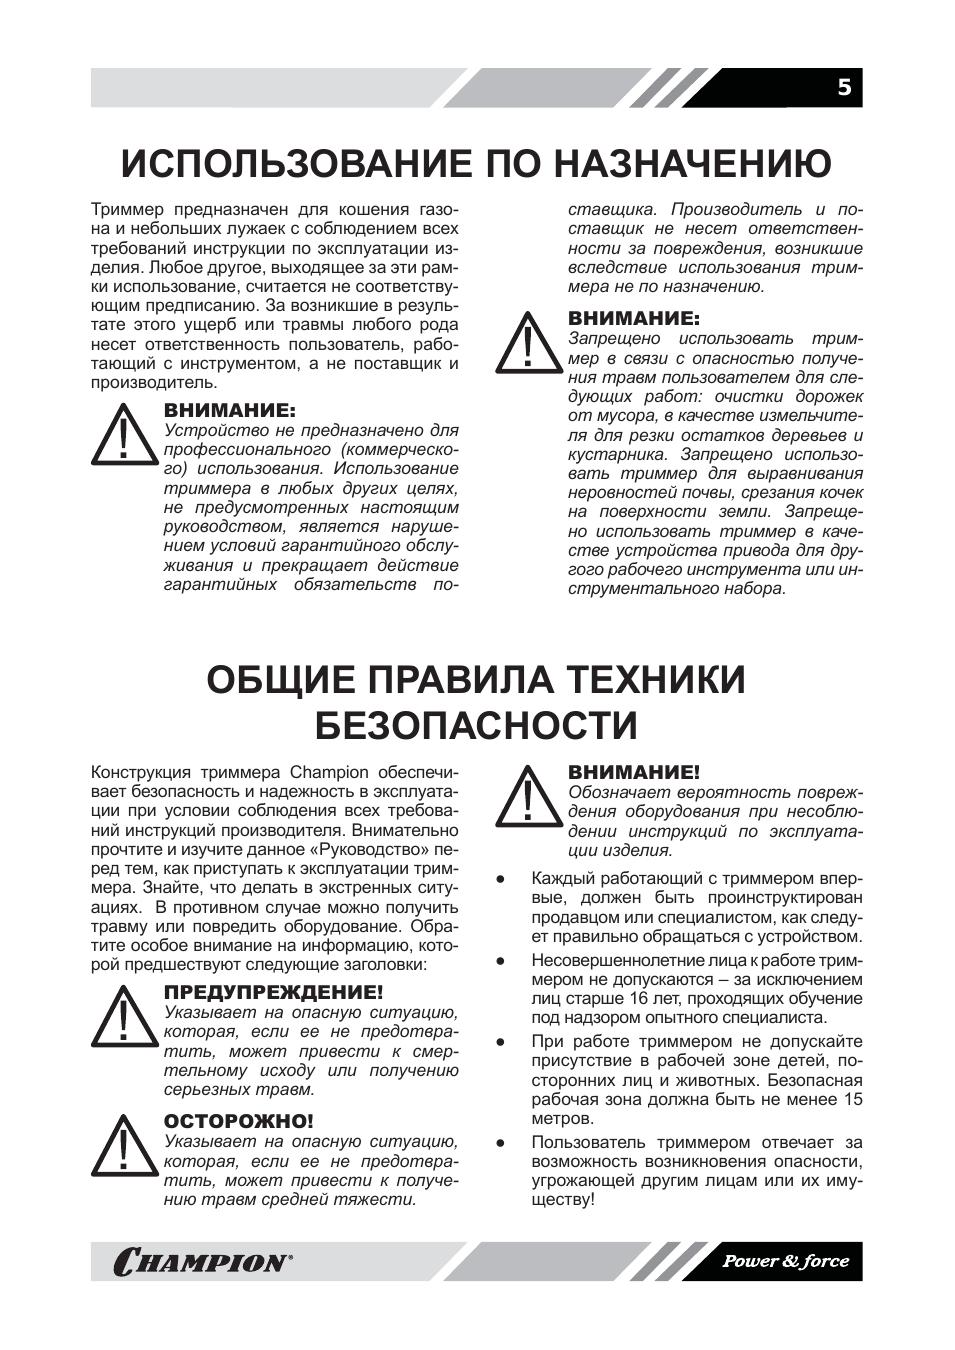 Общие правила техники безопасности, Использование по назначению